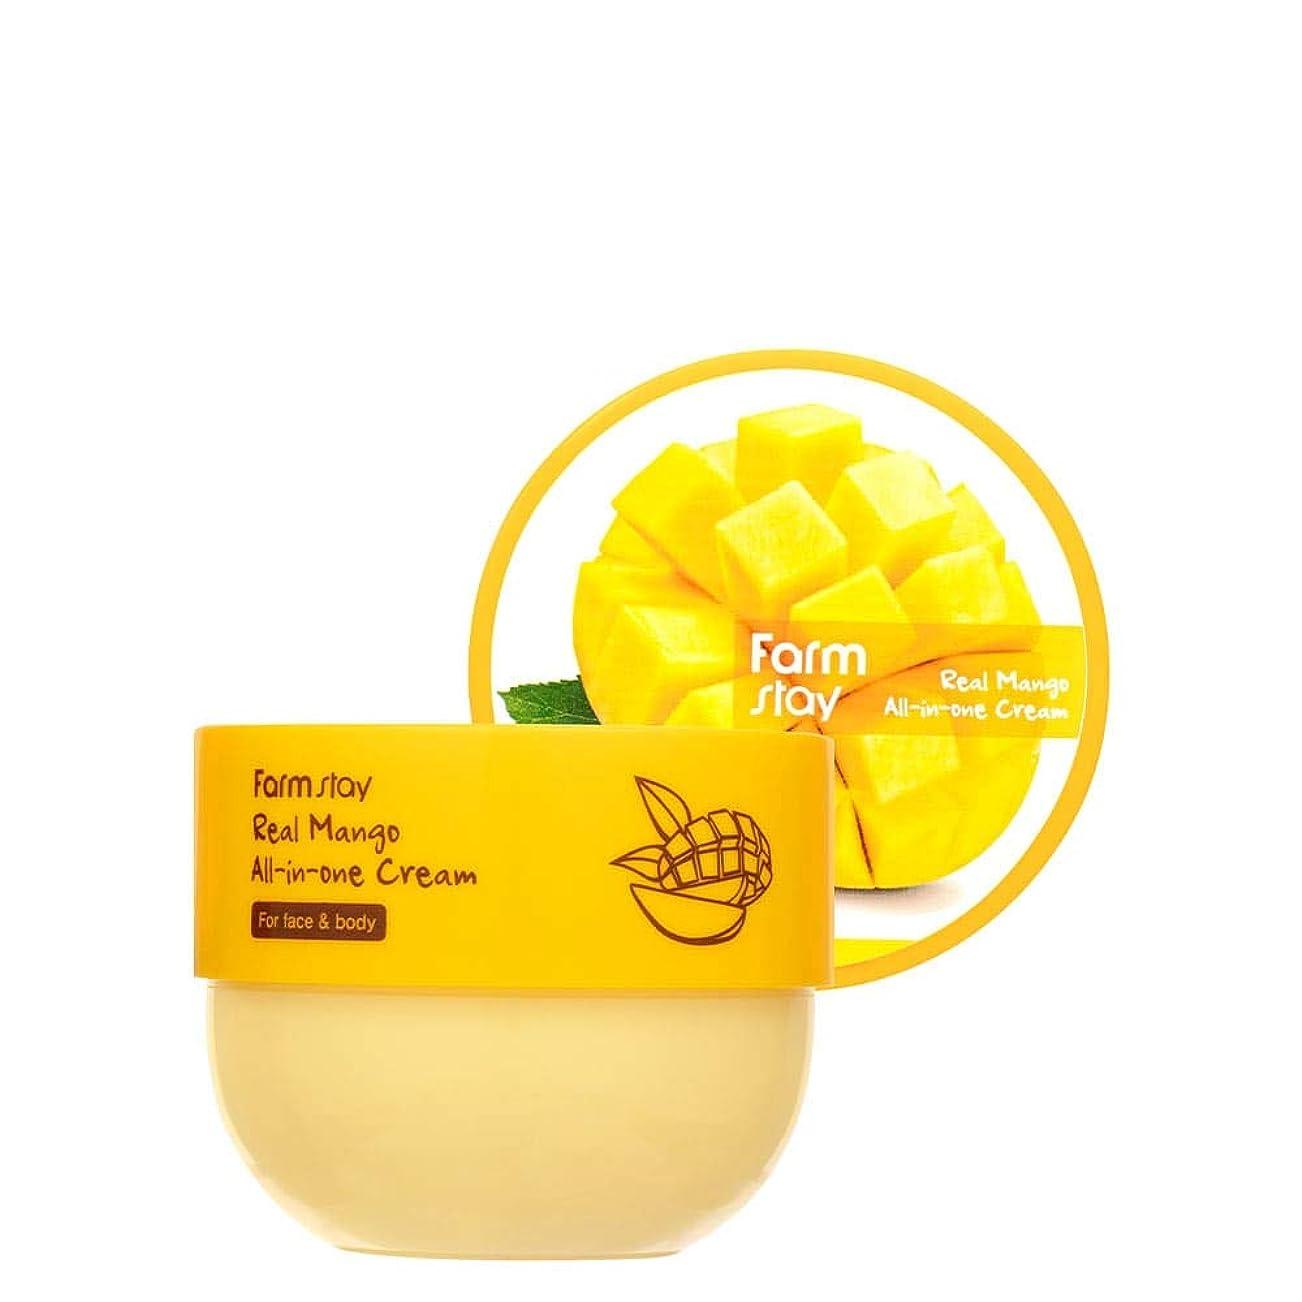 懲戒犯罪香りファームステイ[Farm Stay] リアルマンゴーオールインワンクリーム 300ml / Real Mango All-in-One Cream